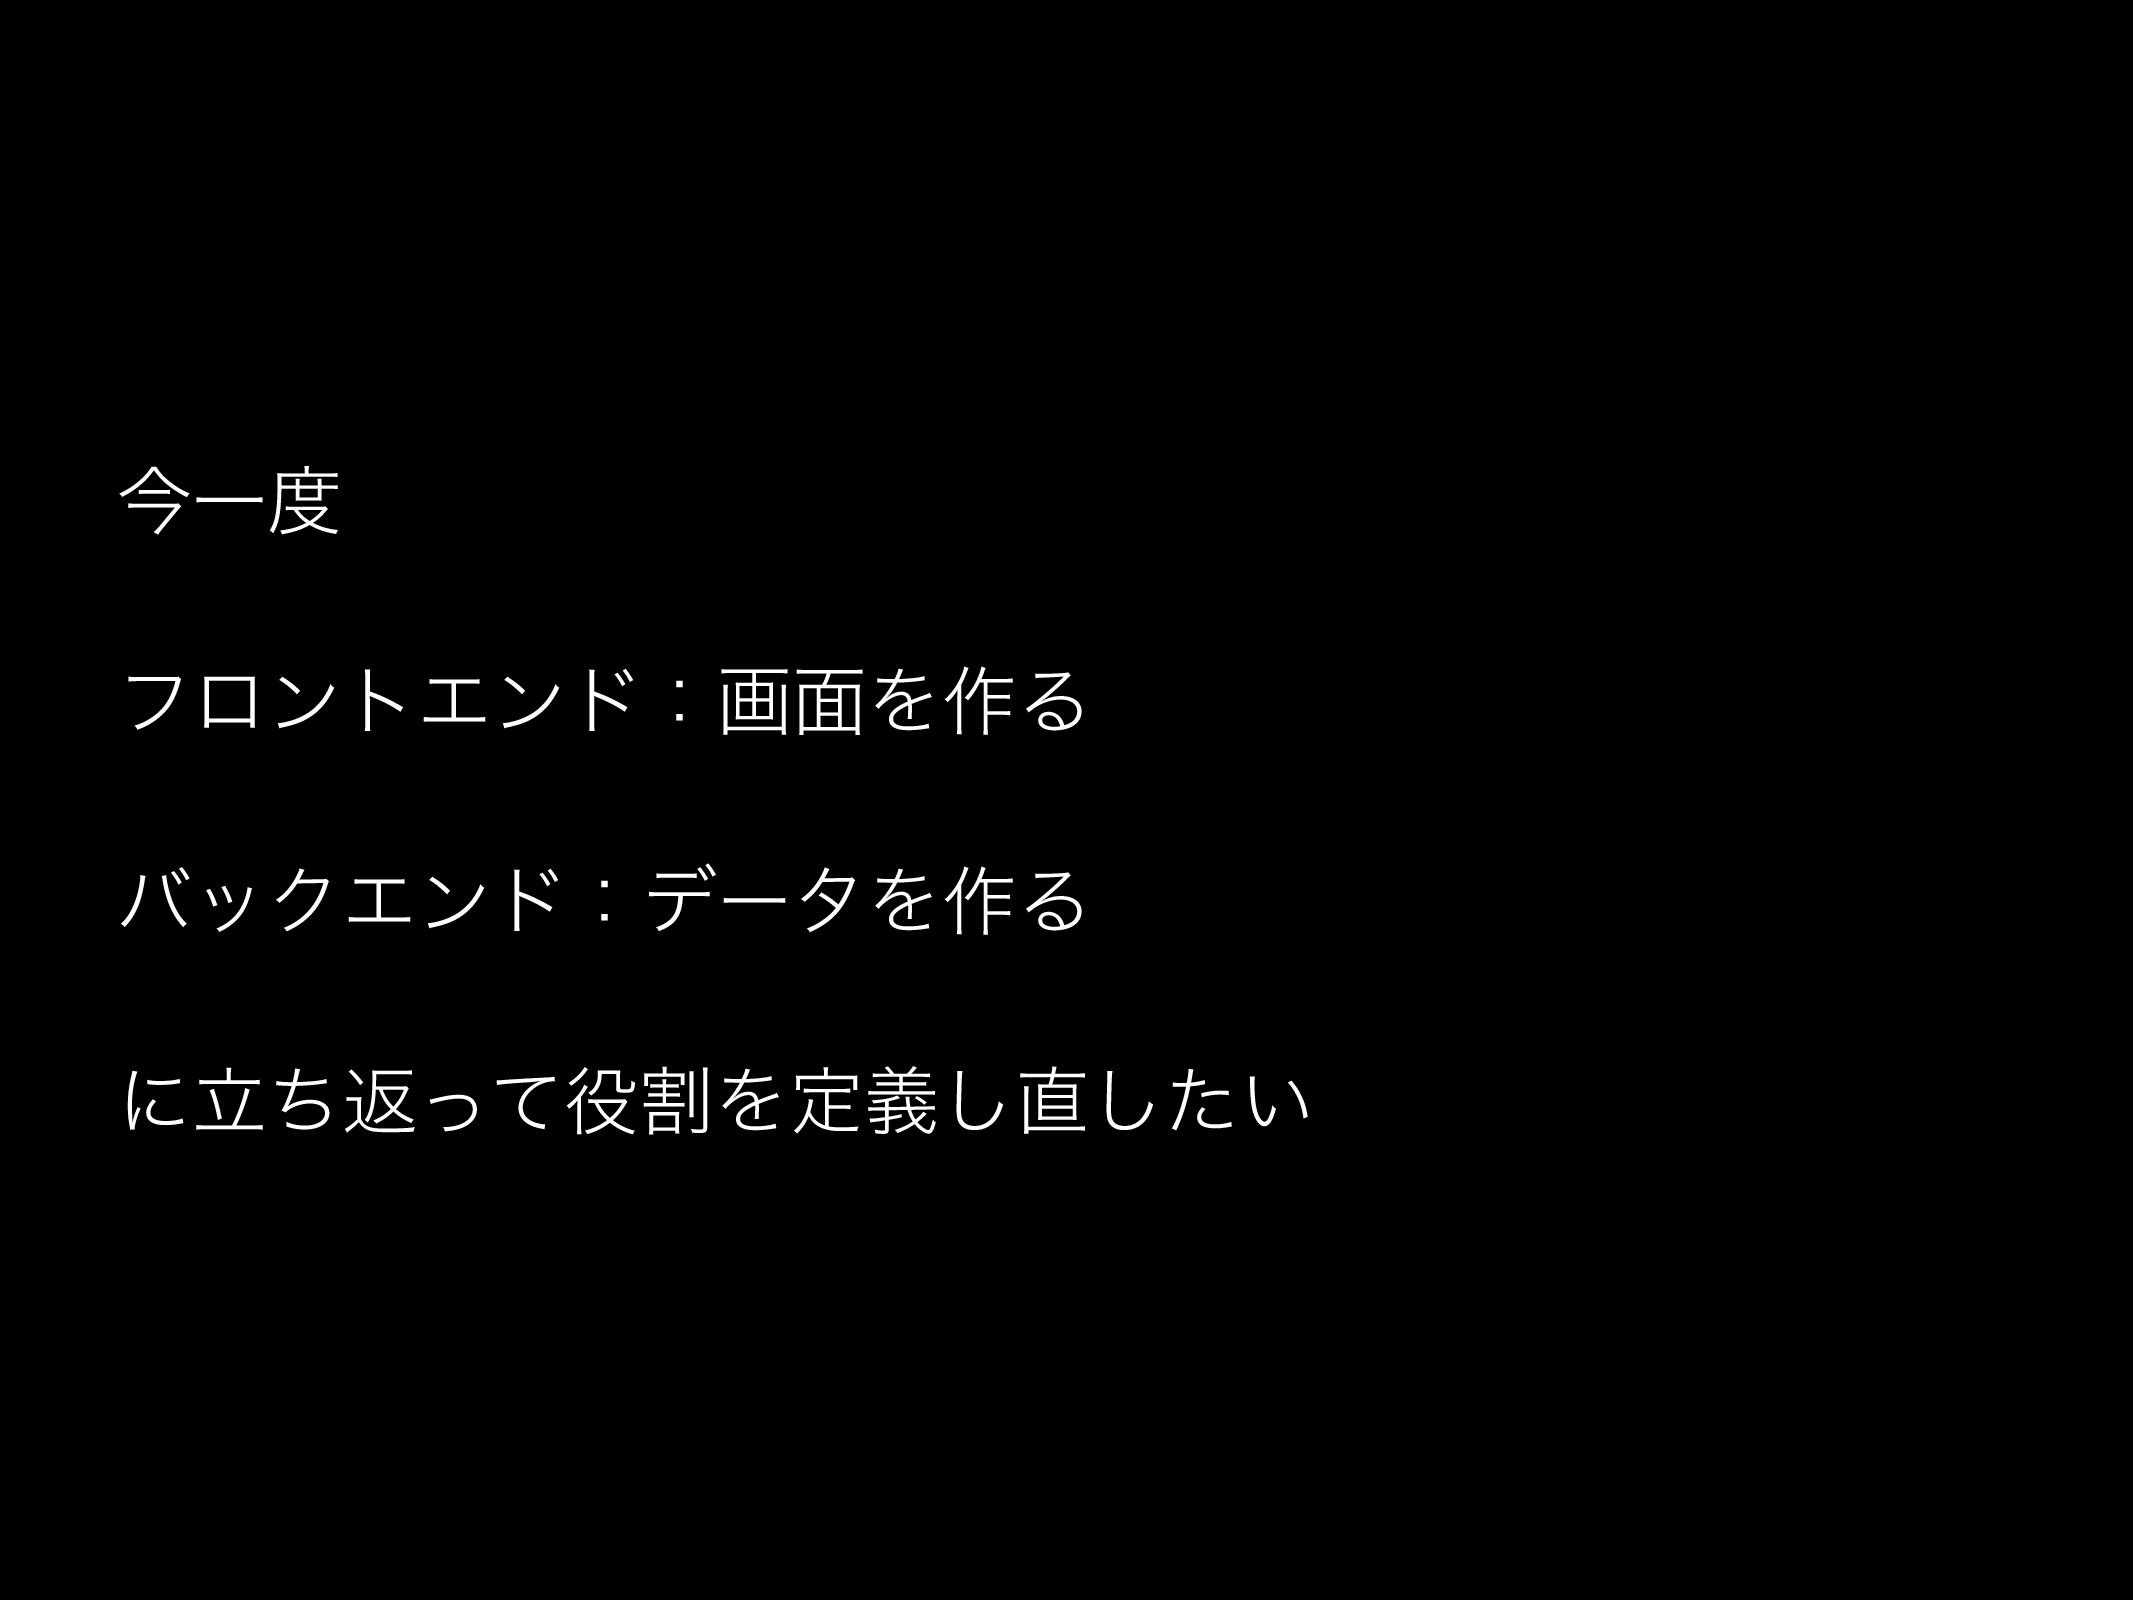 ࠓҰ ϑϩϯτΤϯυɿը໘Λ࡞Δ όοΫΤϯυɿσʔλΛ࡞Δ ʹཱͪฦׂͬͯΛఆ͍ٛͨ͠͠